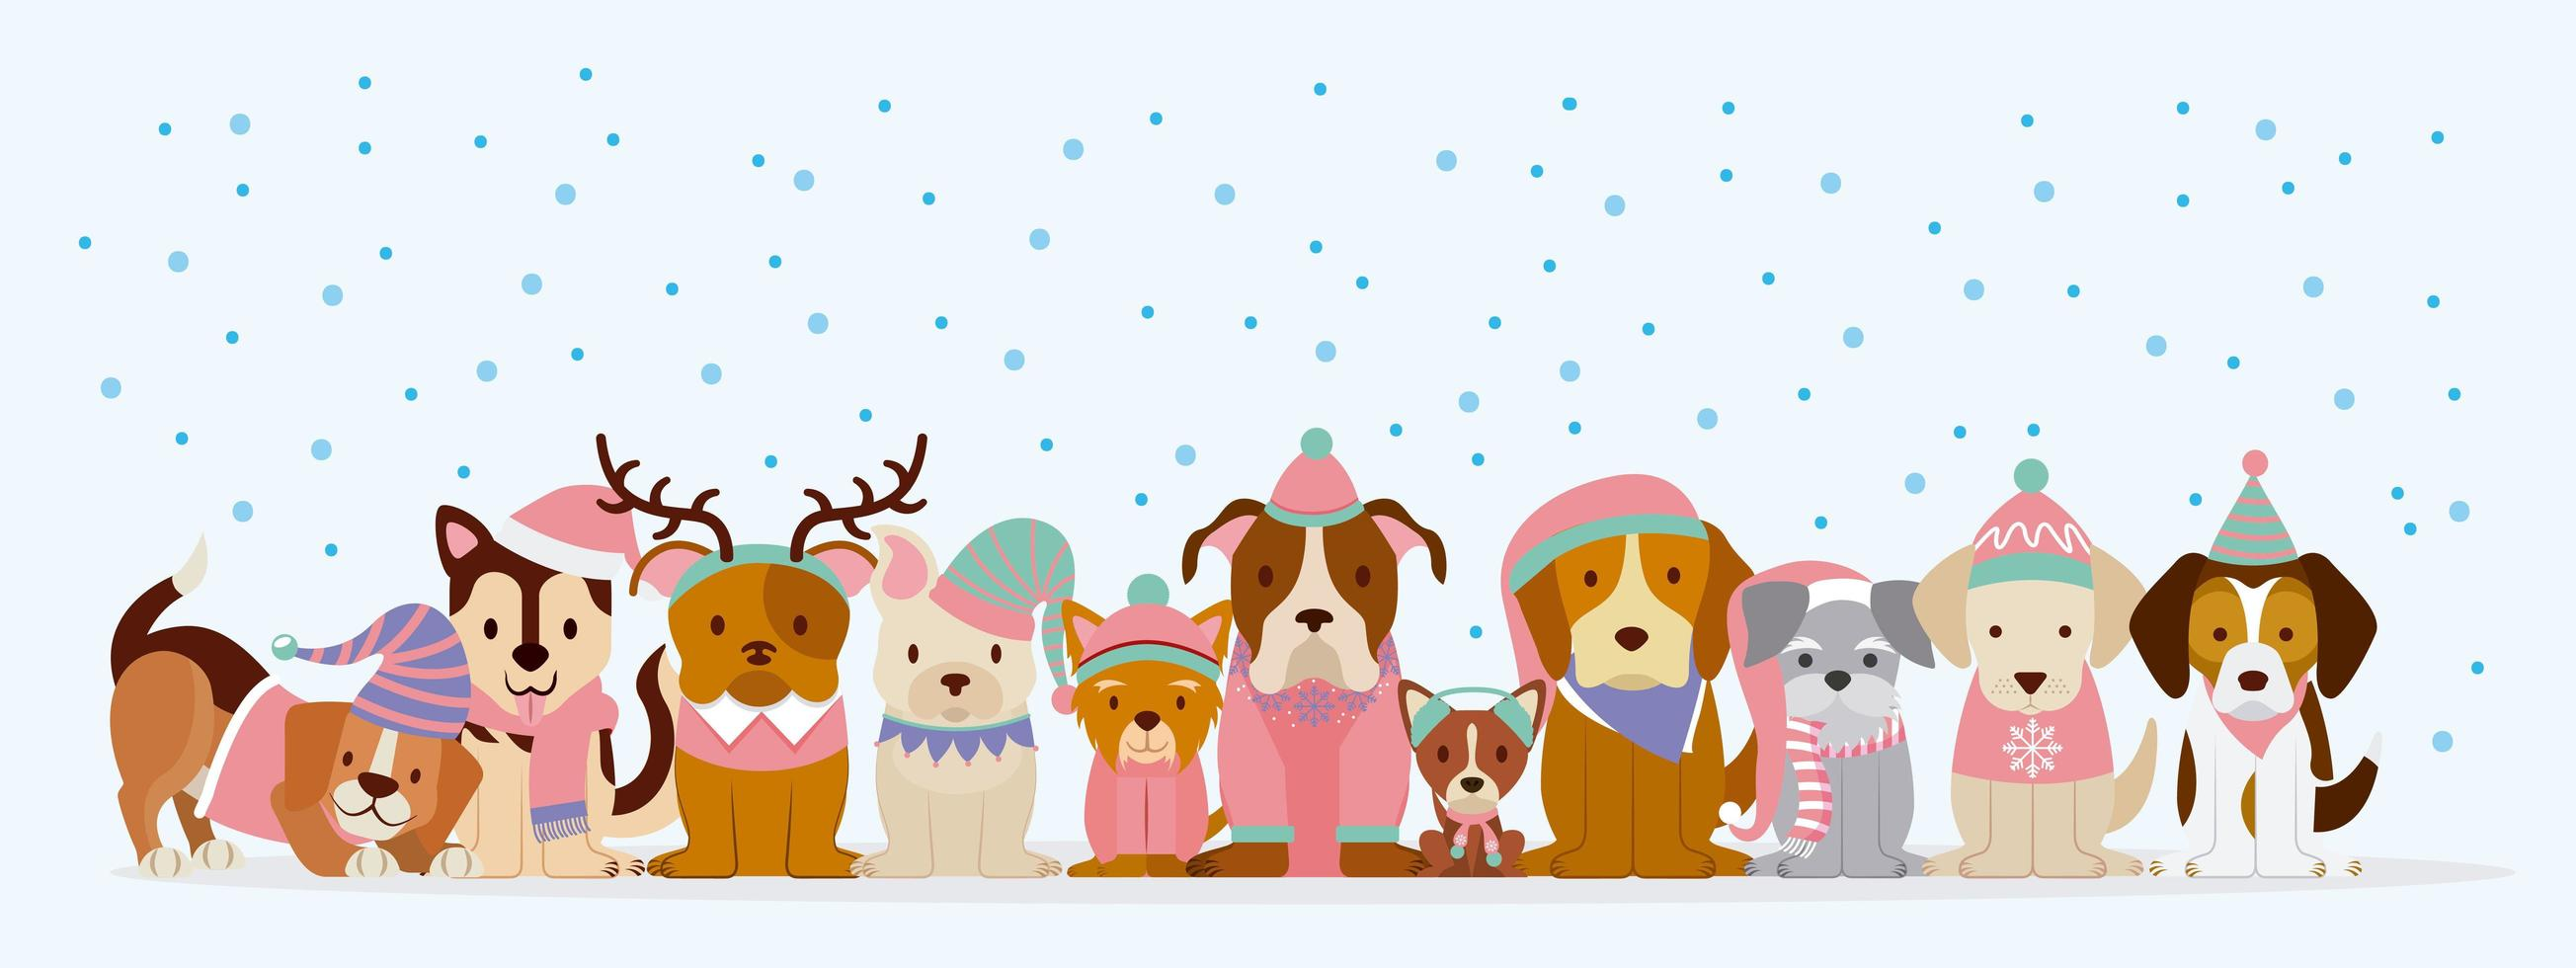 chiens en vêtements d'hiver dans la neige vecteur